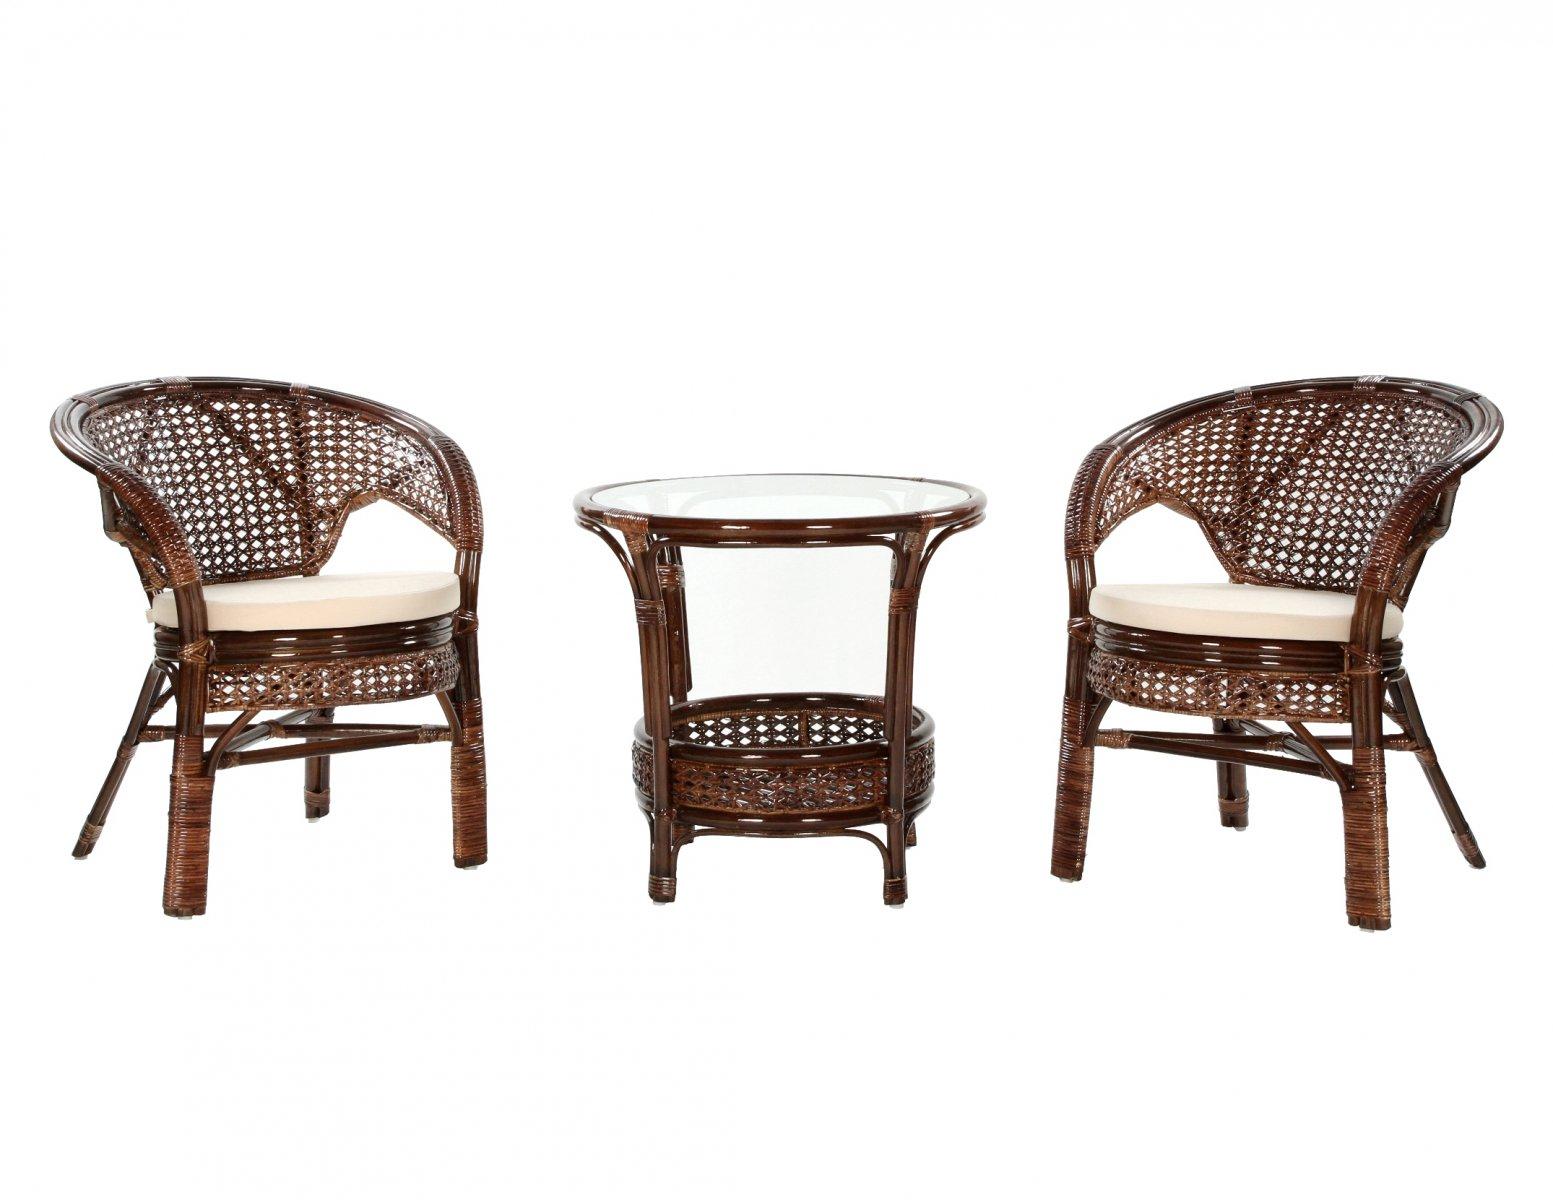 Komplet kawowy z rattanu okragly stolik + 2 fotele w ciemnym odcieniu brazu